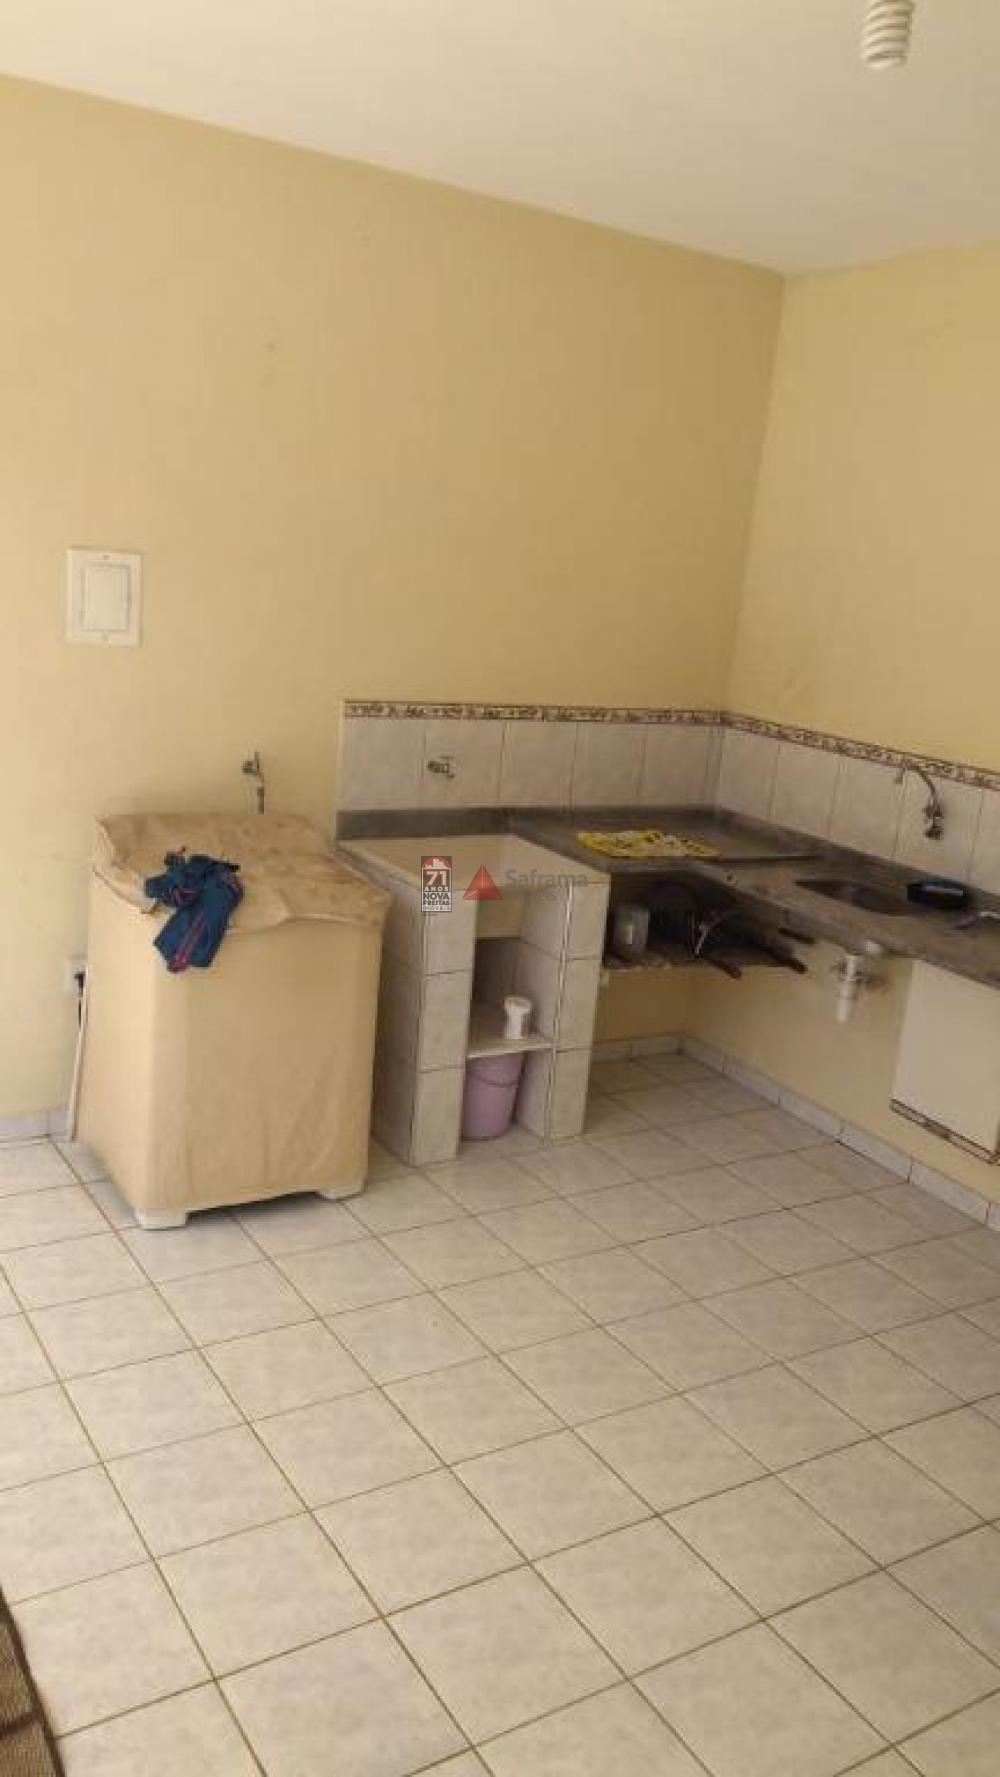 Comprar Casa / Padrão em São José dos Campos apenas R$ 450.000,00 - Foto 20